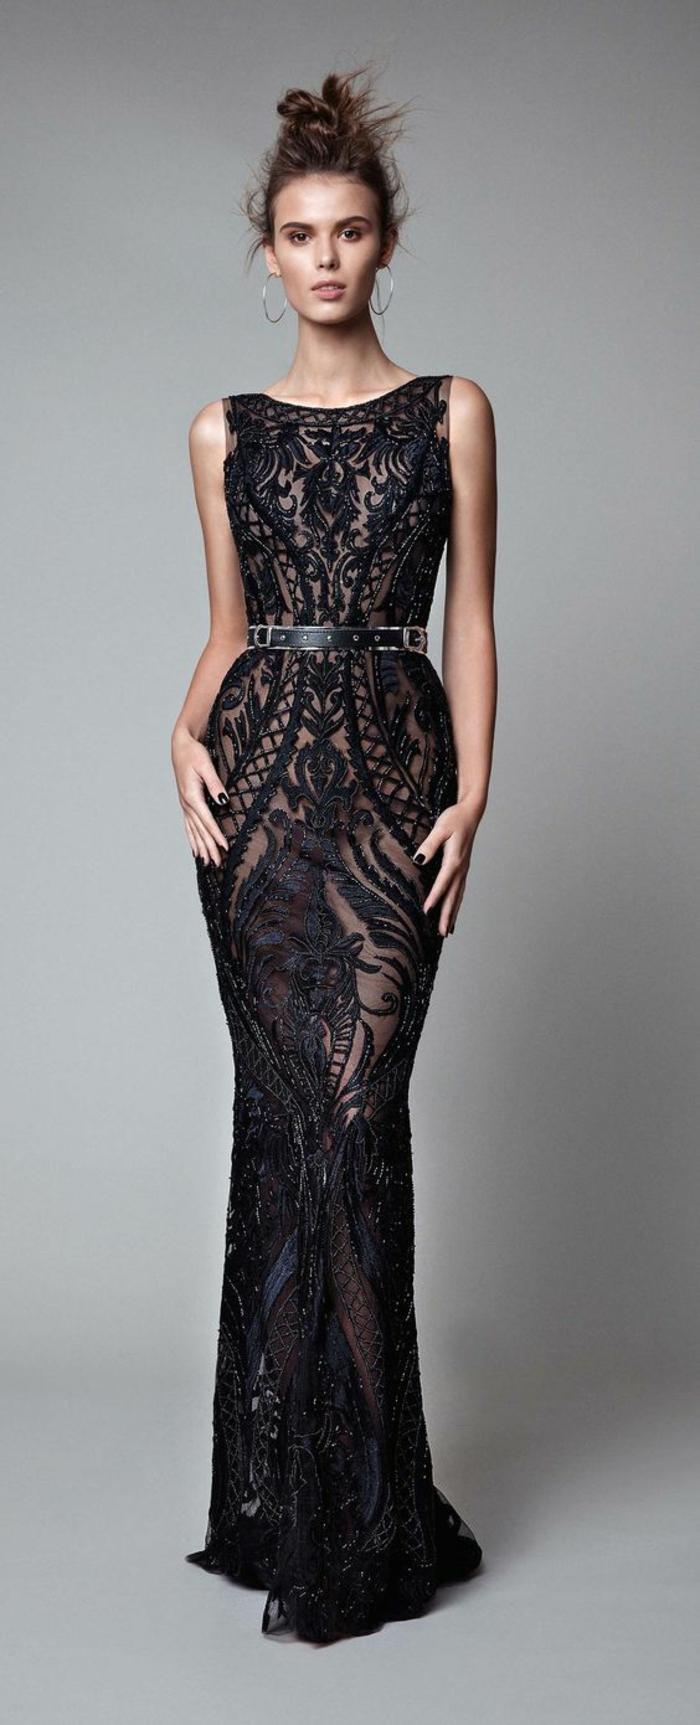 robe ceremonie femme sans manches robe moulante et taille sublimée par une fine ceinture noire